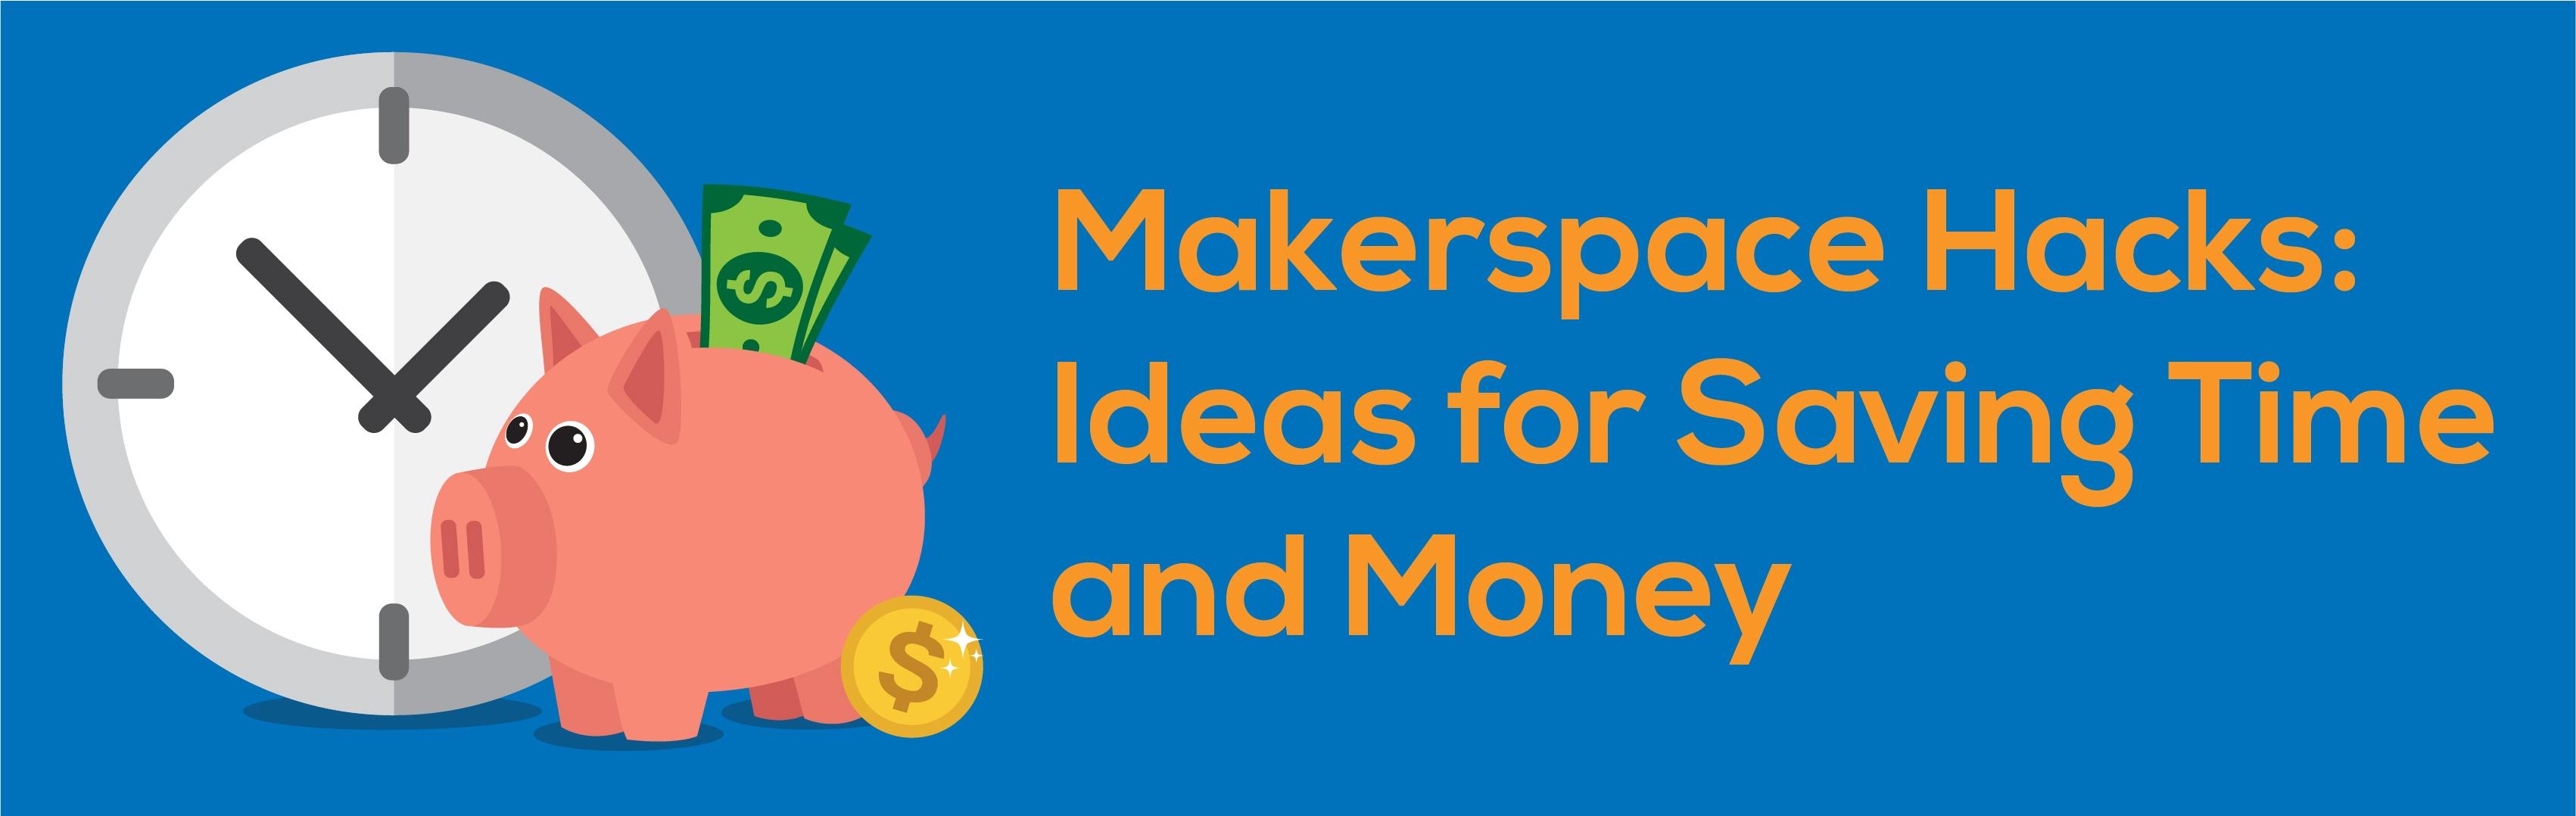 MakerspaceHacks-01.jpg